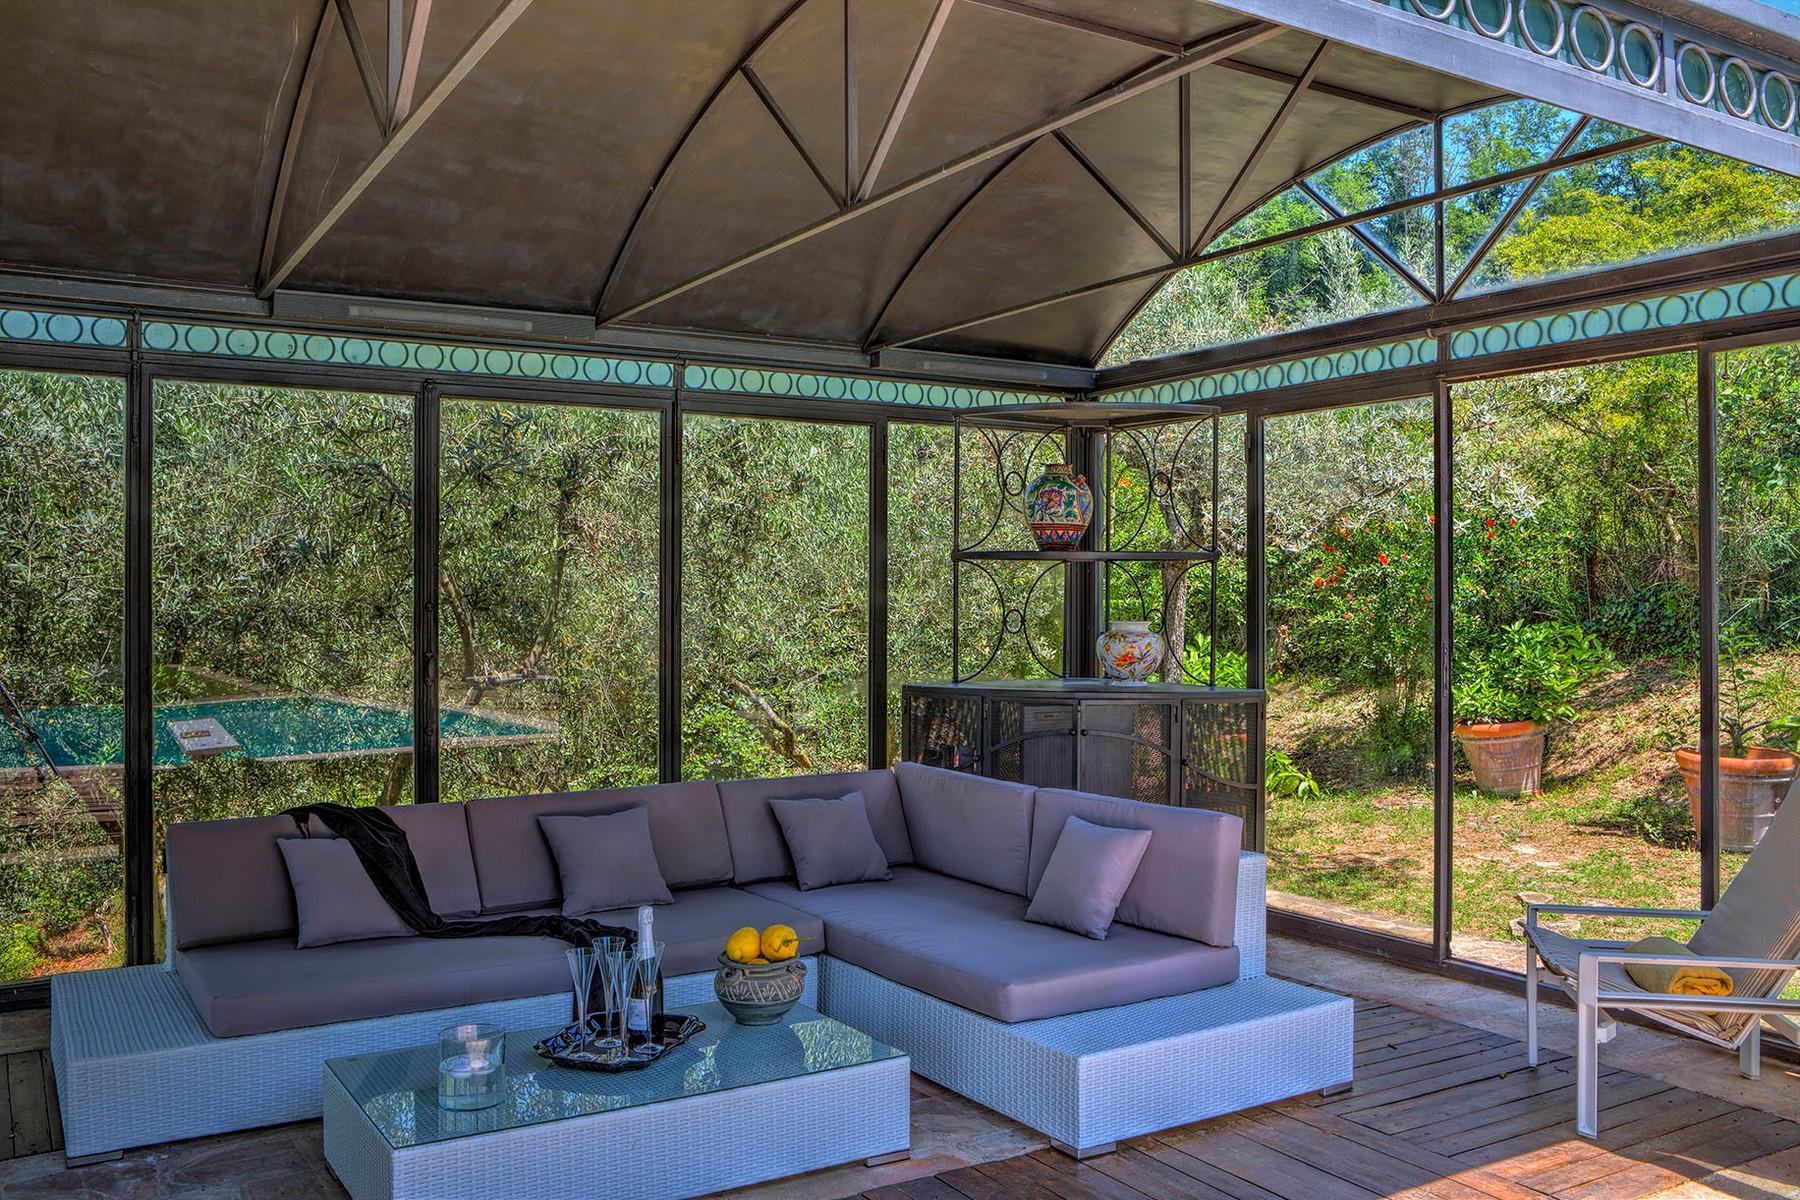 Villa in Vendita a Foligno: 5 locali, 350 mq - Foto 16